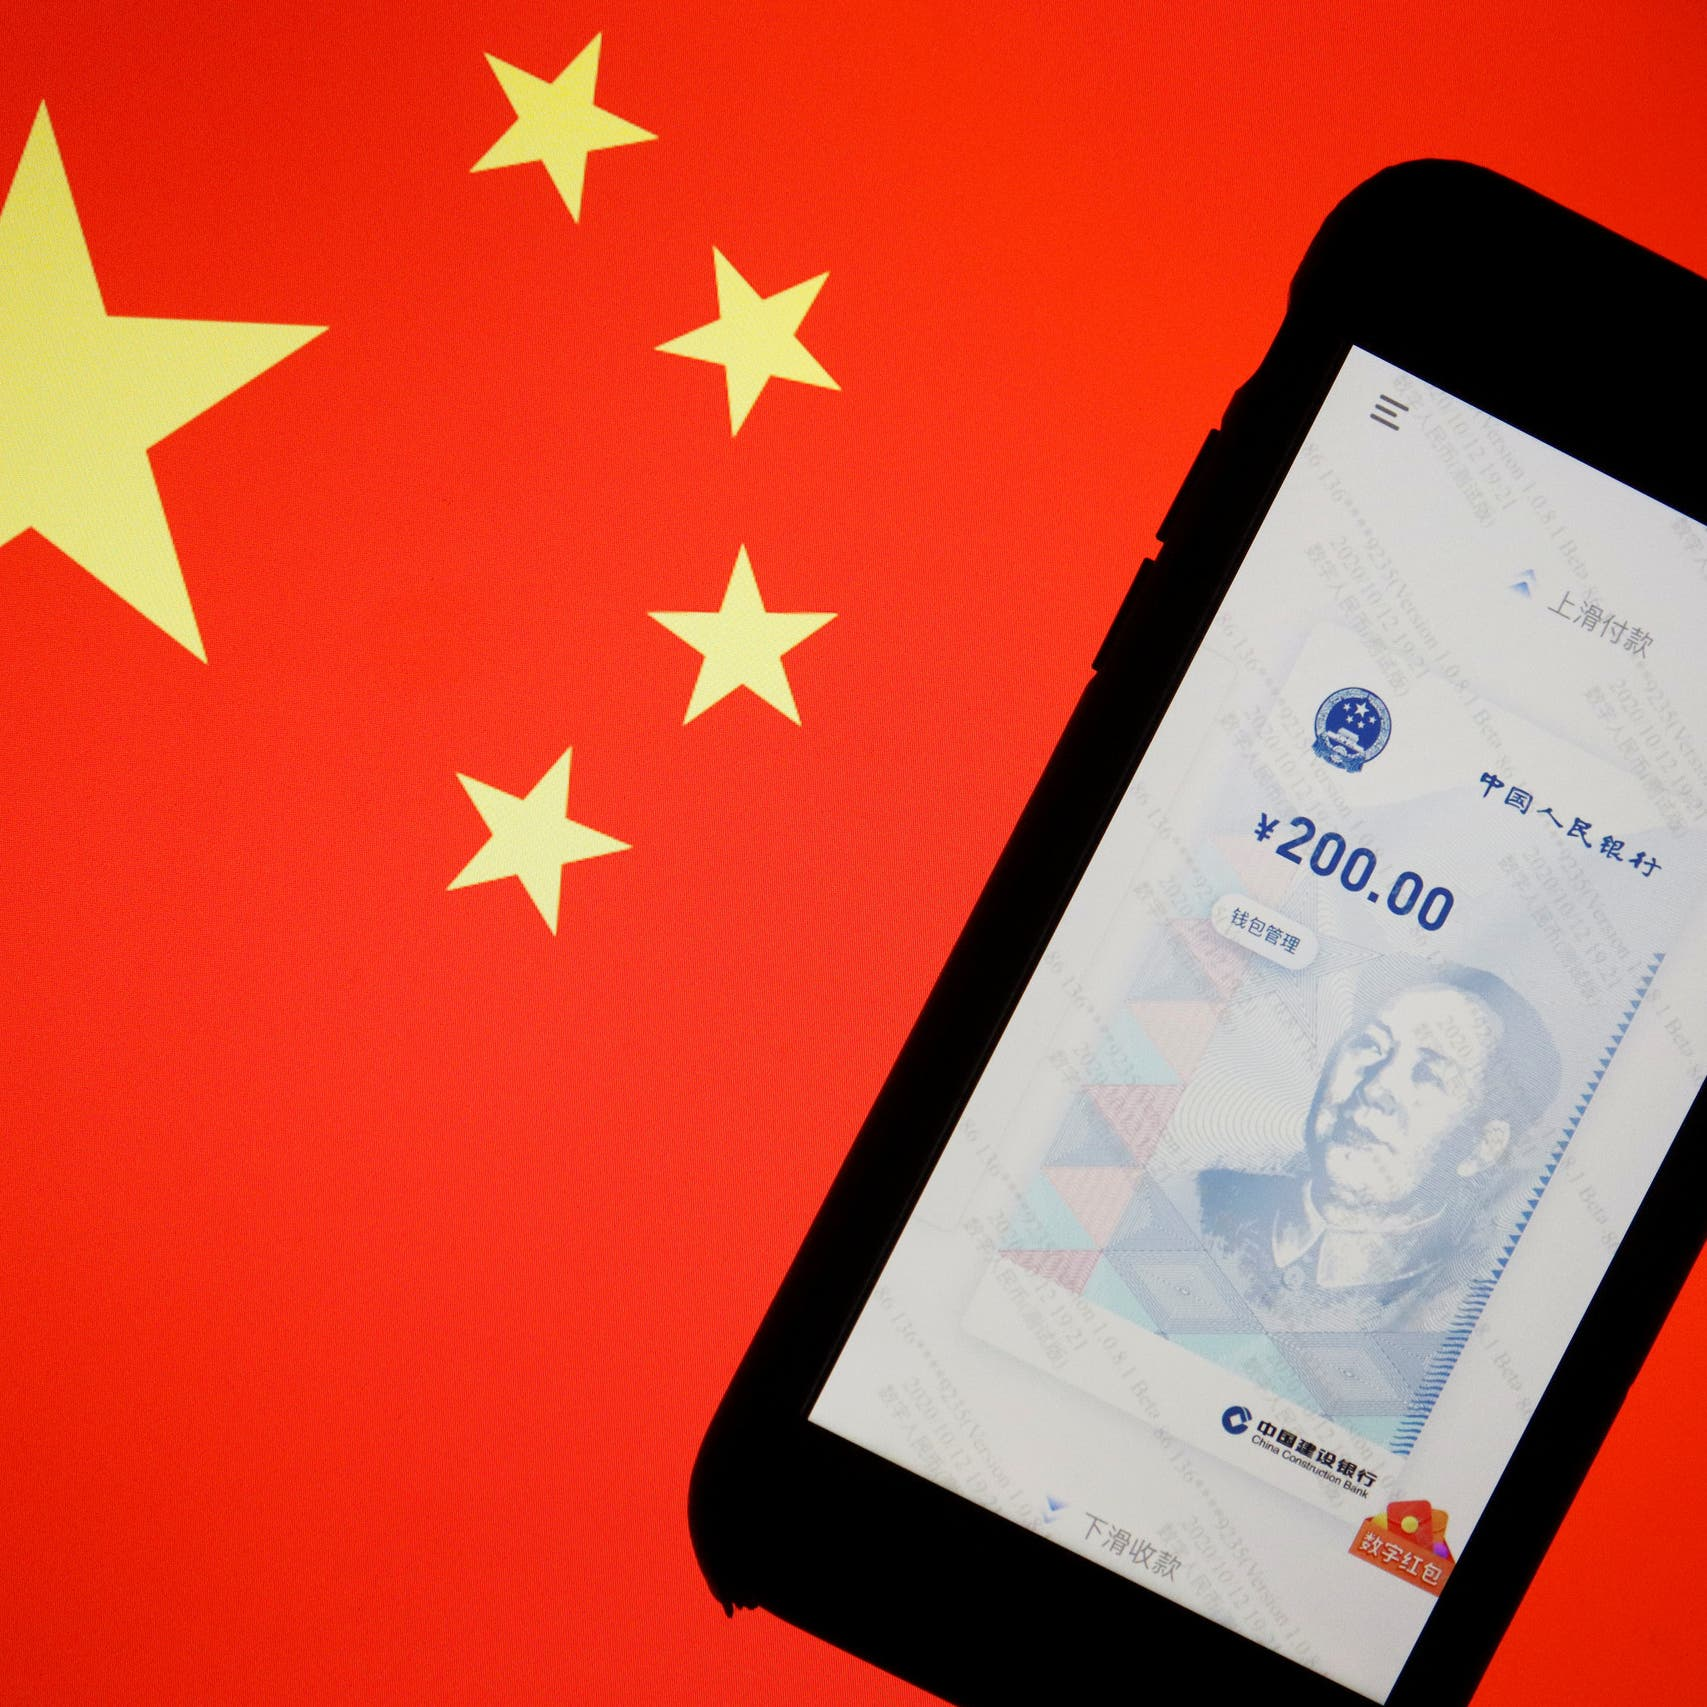 الصين أول اقتصاد رئيسي يصدر عملة رقمية.. وهذه الدول قد تلحق بها